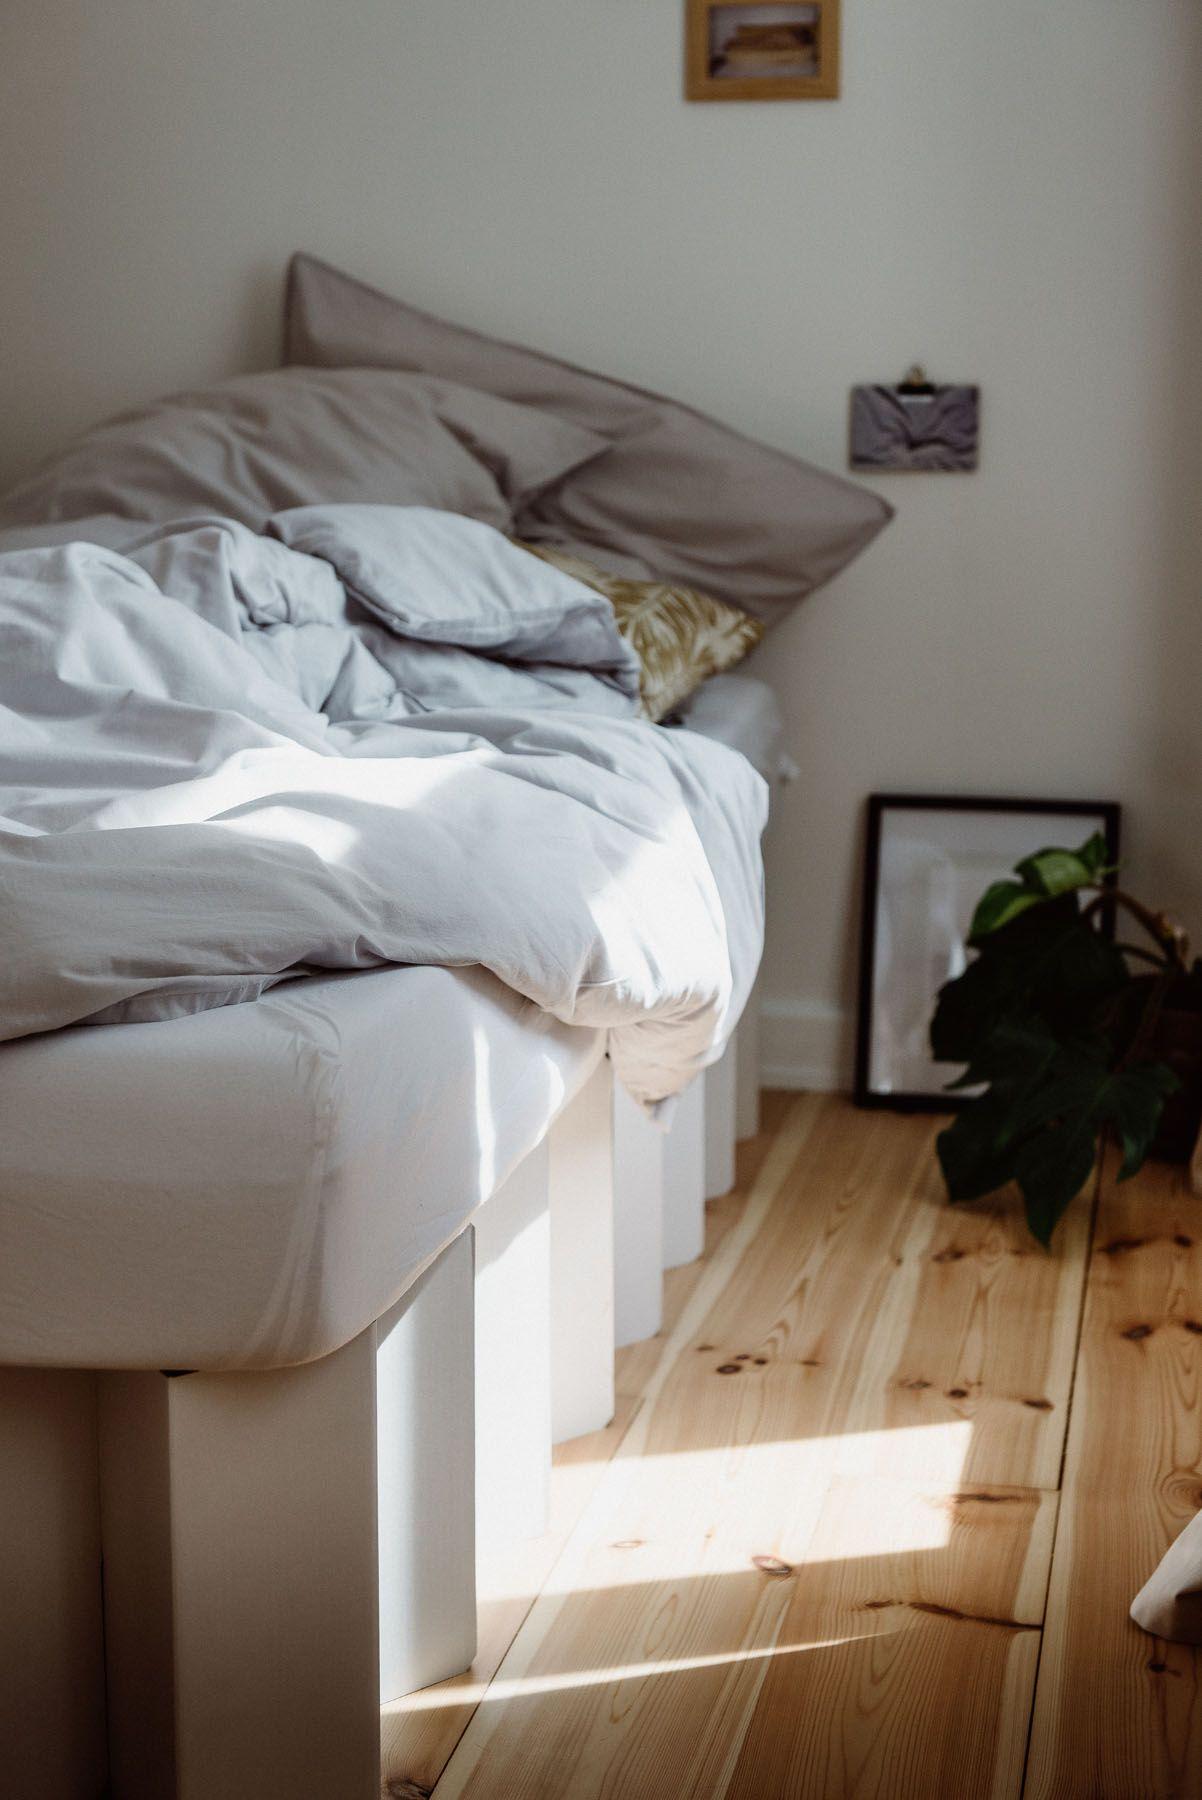 Full Size of Pappbett Ikea Pin Von Malinro Auf Schlafzimmer In 2020 Flexible Mbel Küche Kosten Modulküche Sofa Mit Schlaffunktion Betten 160x200 Bei Kaufen Miniküche Wohnzimmer Pappbett Ikea